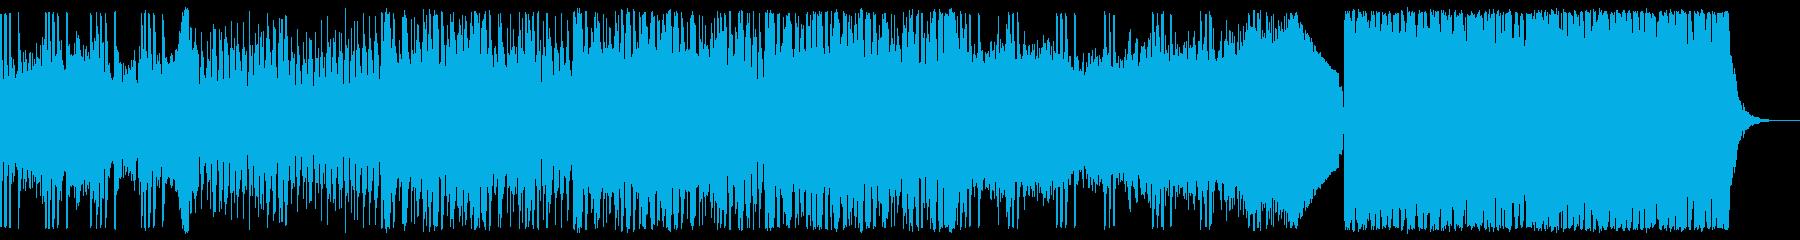 ハウス/落ち着いたクールな雰囲気の曲の再生済みの波形